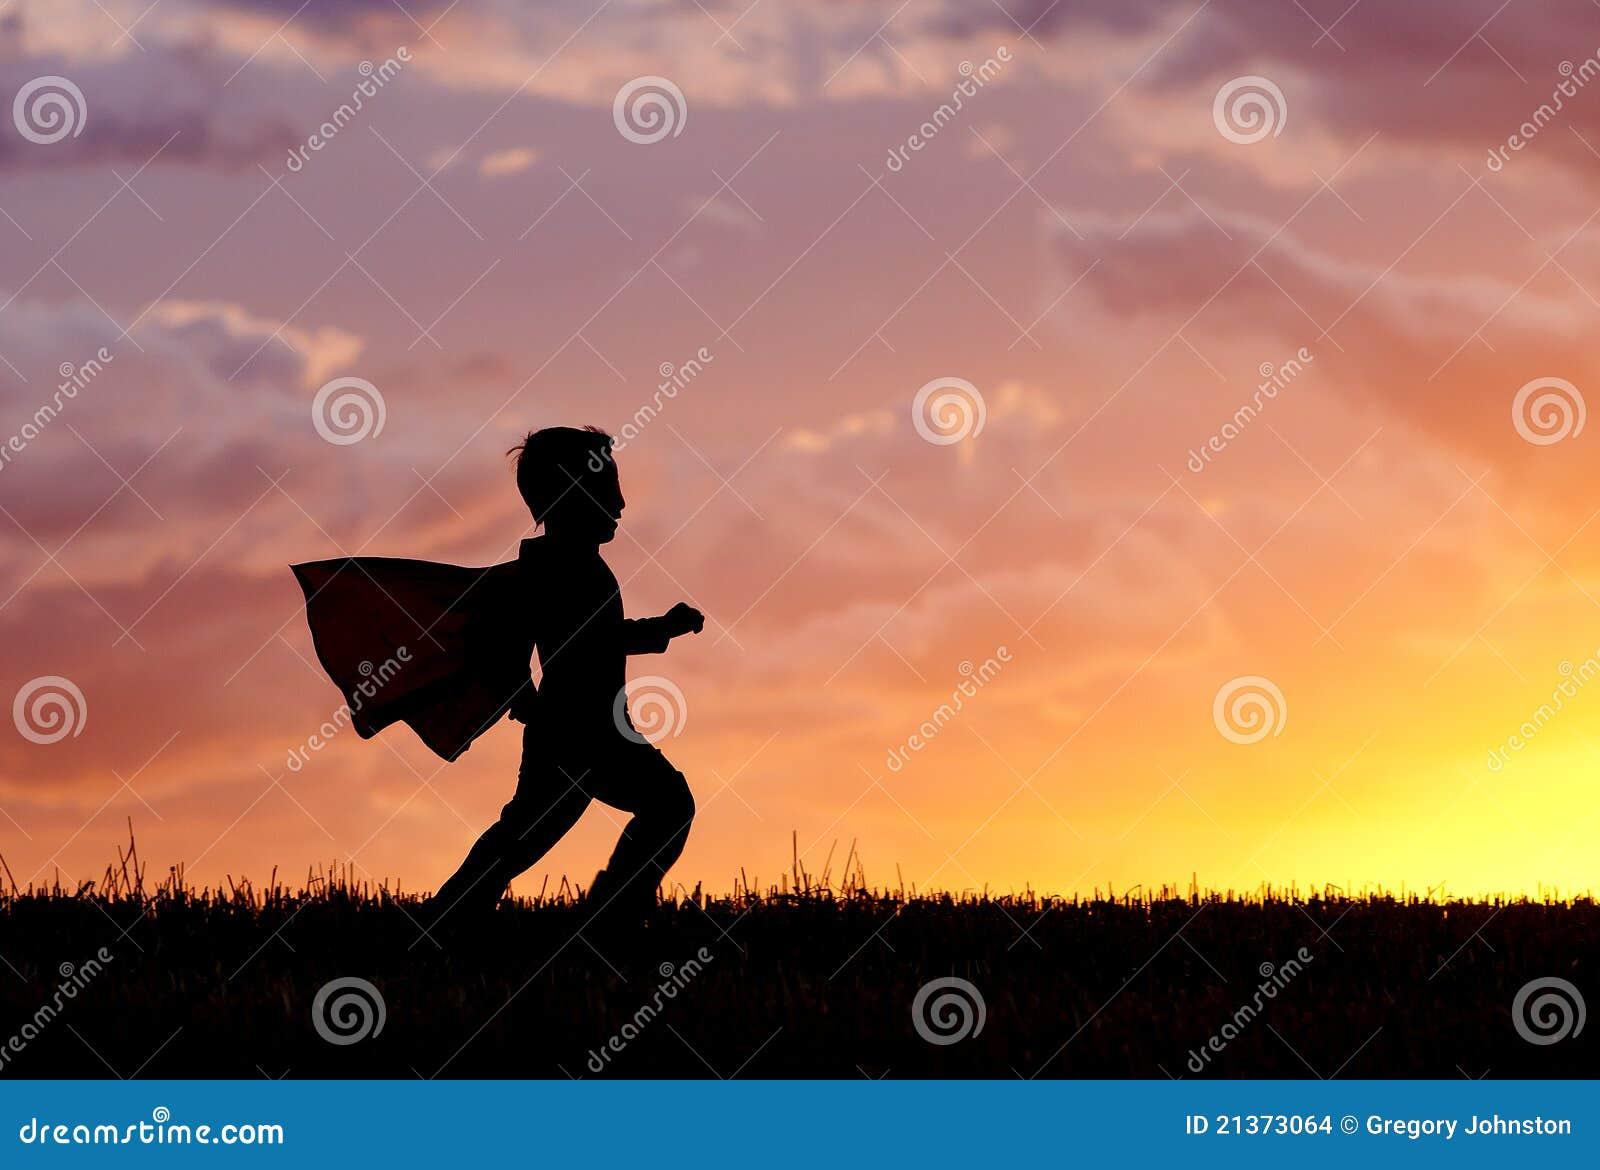 Le garçon joue le héros superbe au coucher du soleil.